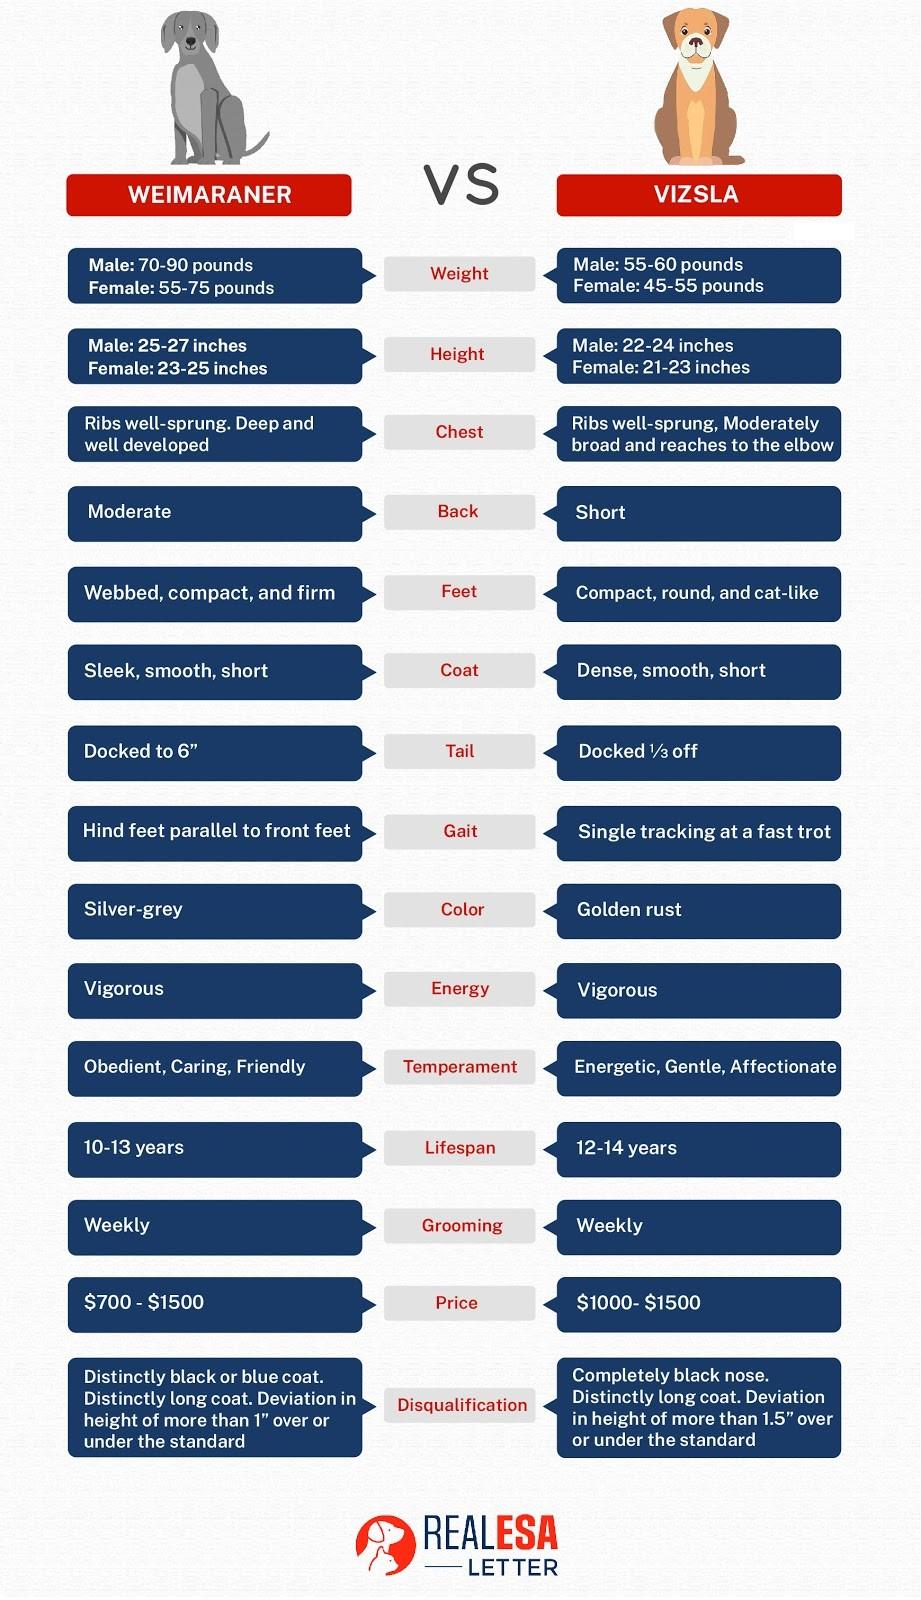 weimaraner vs. vizsla